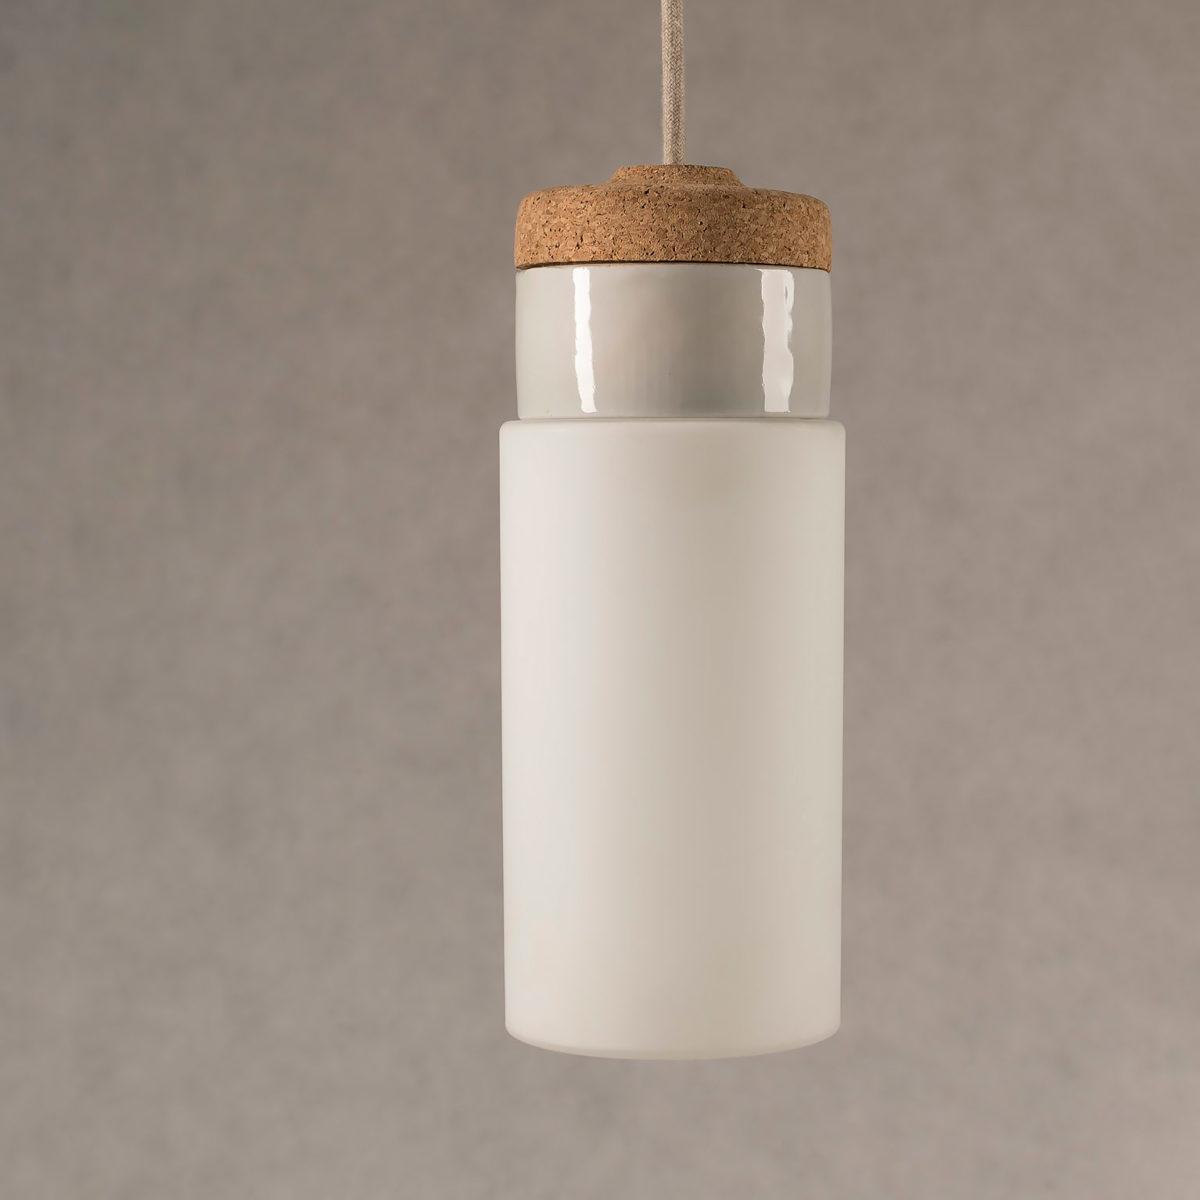 wisząca lampka korkowa z kloszem szklanym Cylinder